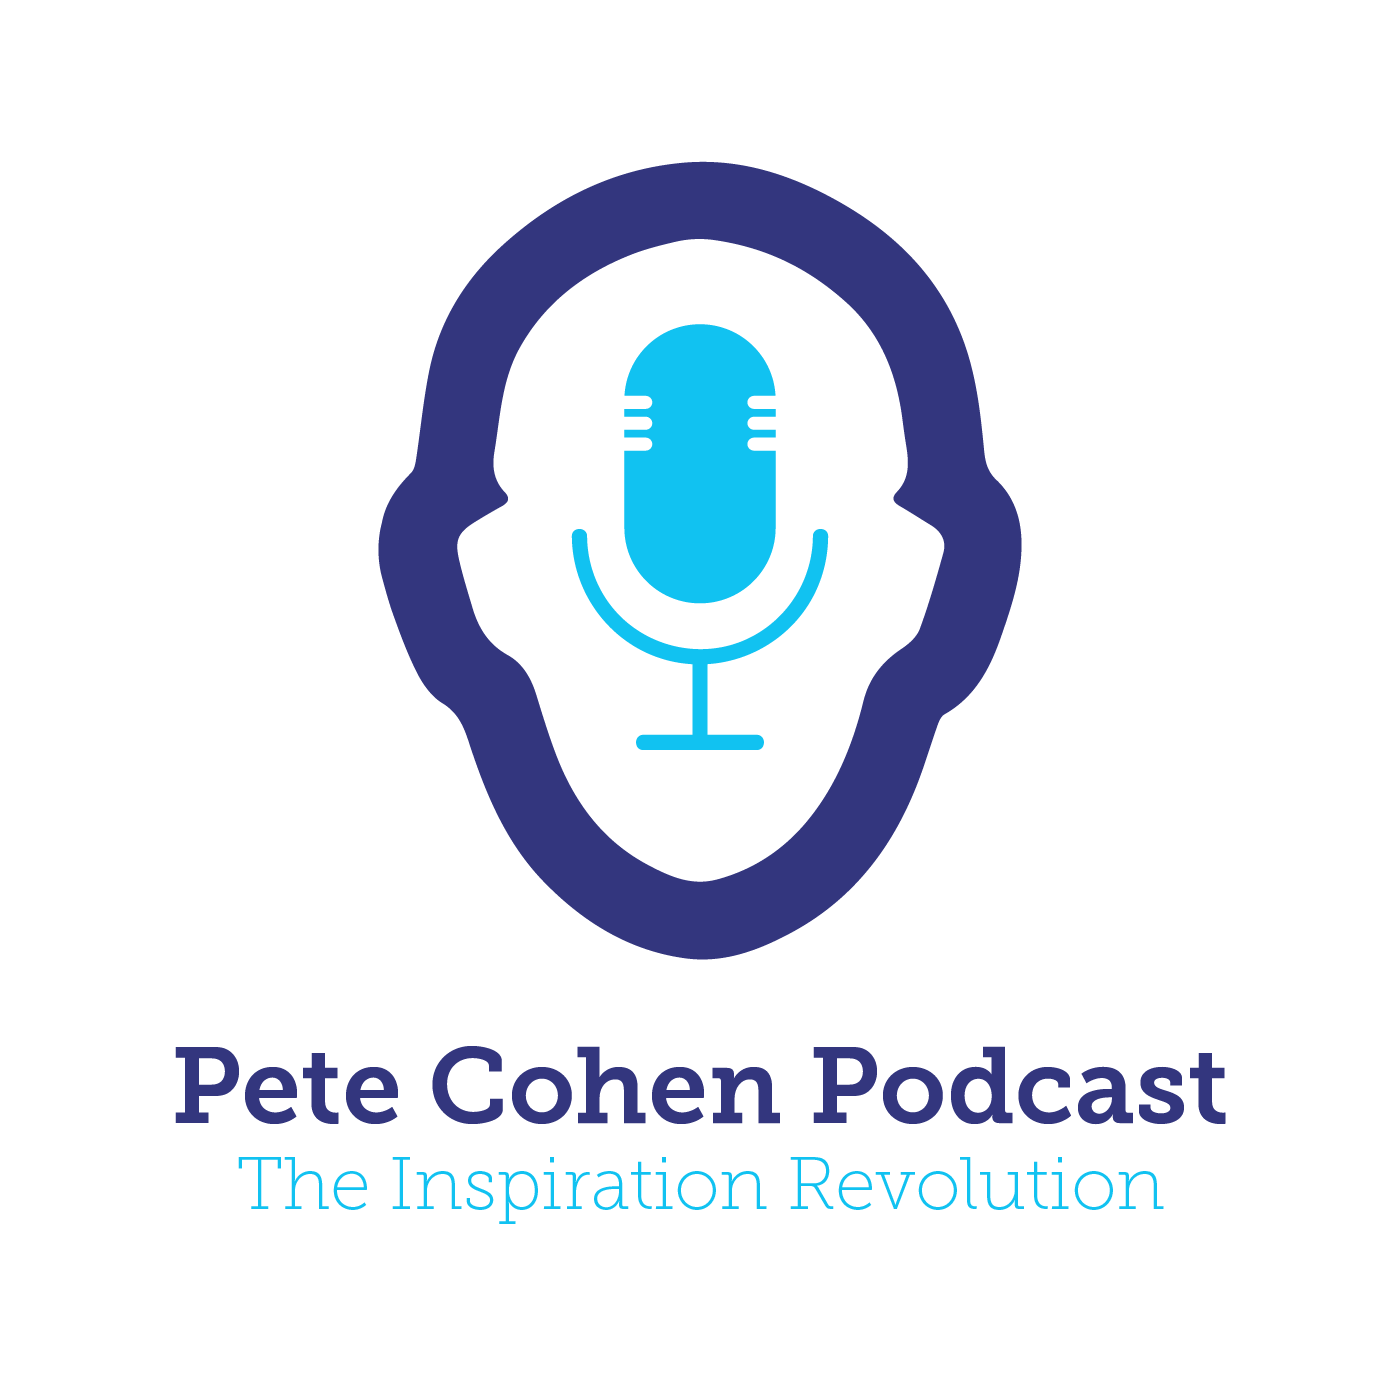 Pete Cohen Podcast show art